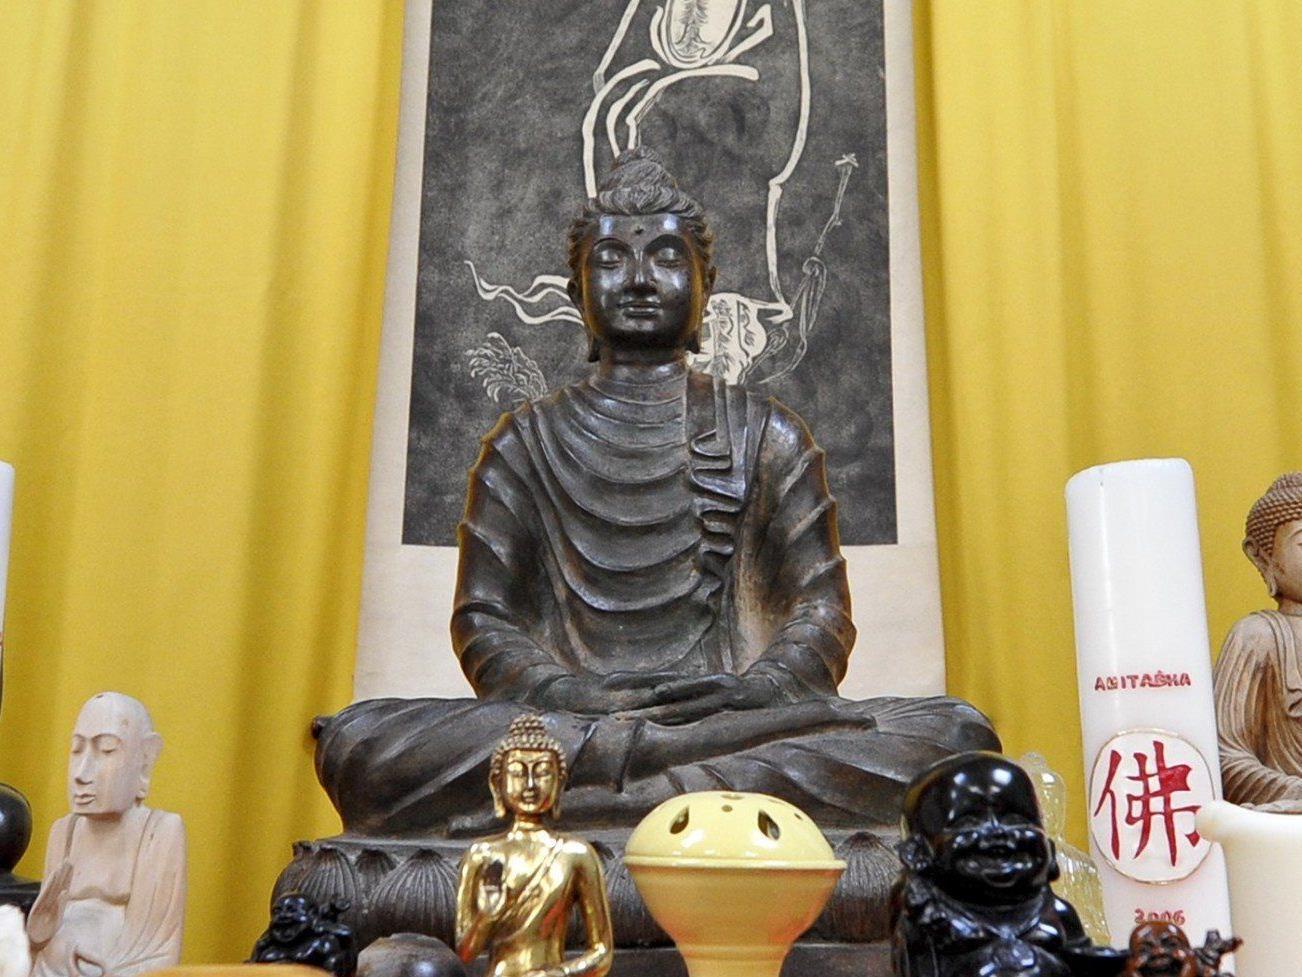 Vom 2. bis 16. Februar finden im Wiener Shao Lin Tempel die Kung-Fu-Wochen statt.